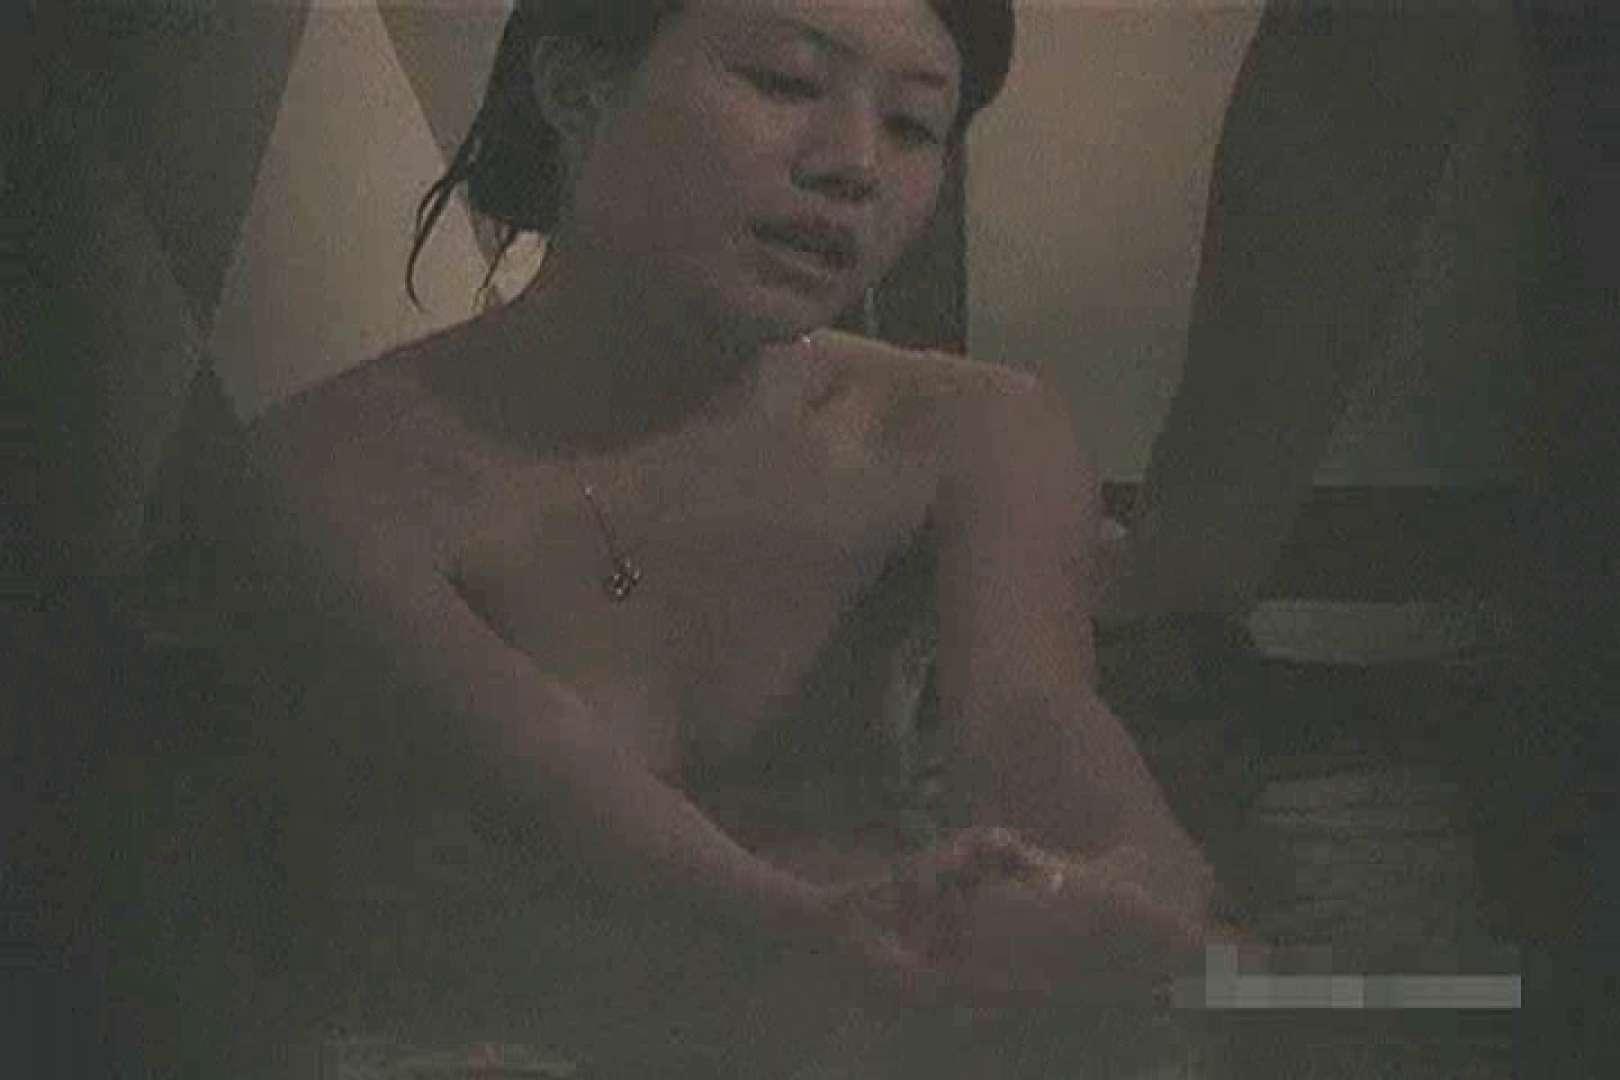 全裸で発情!!家族風呂の実態Vol.2 ラブホテル おめこ無修正画像 107連発 69